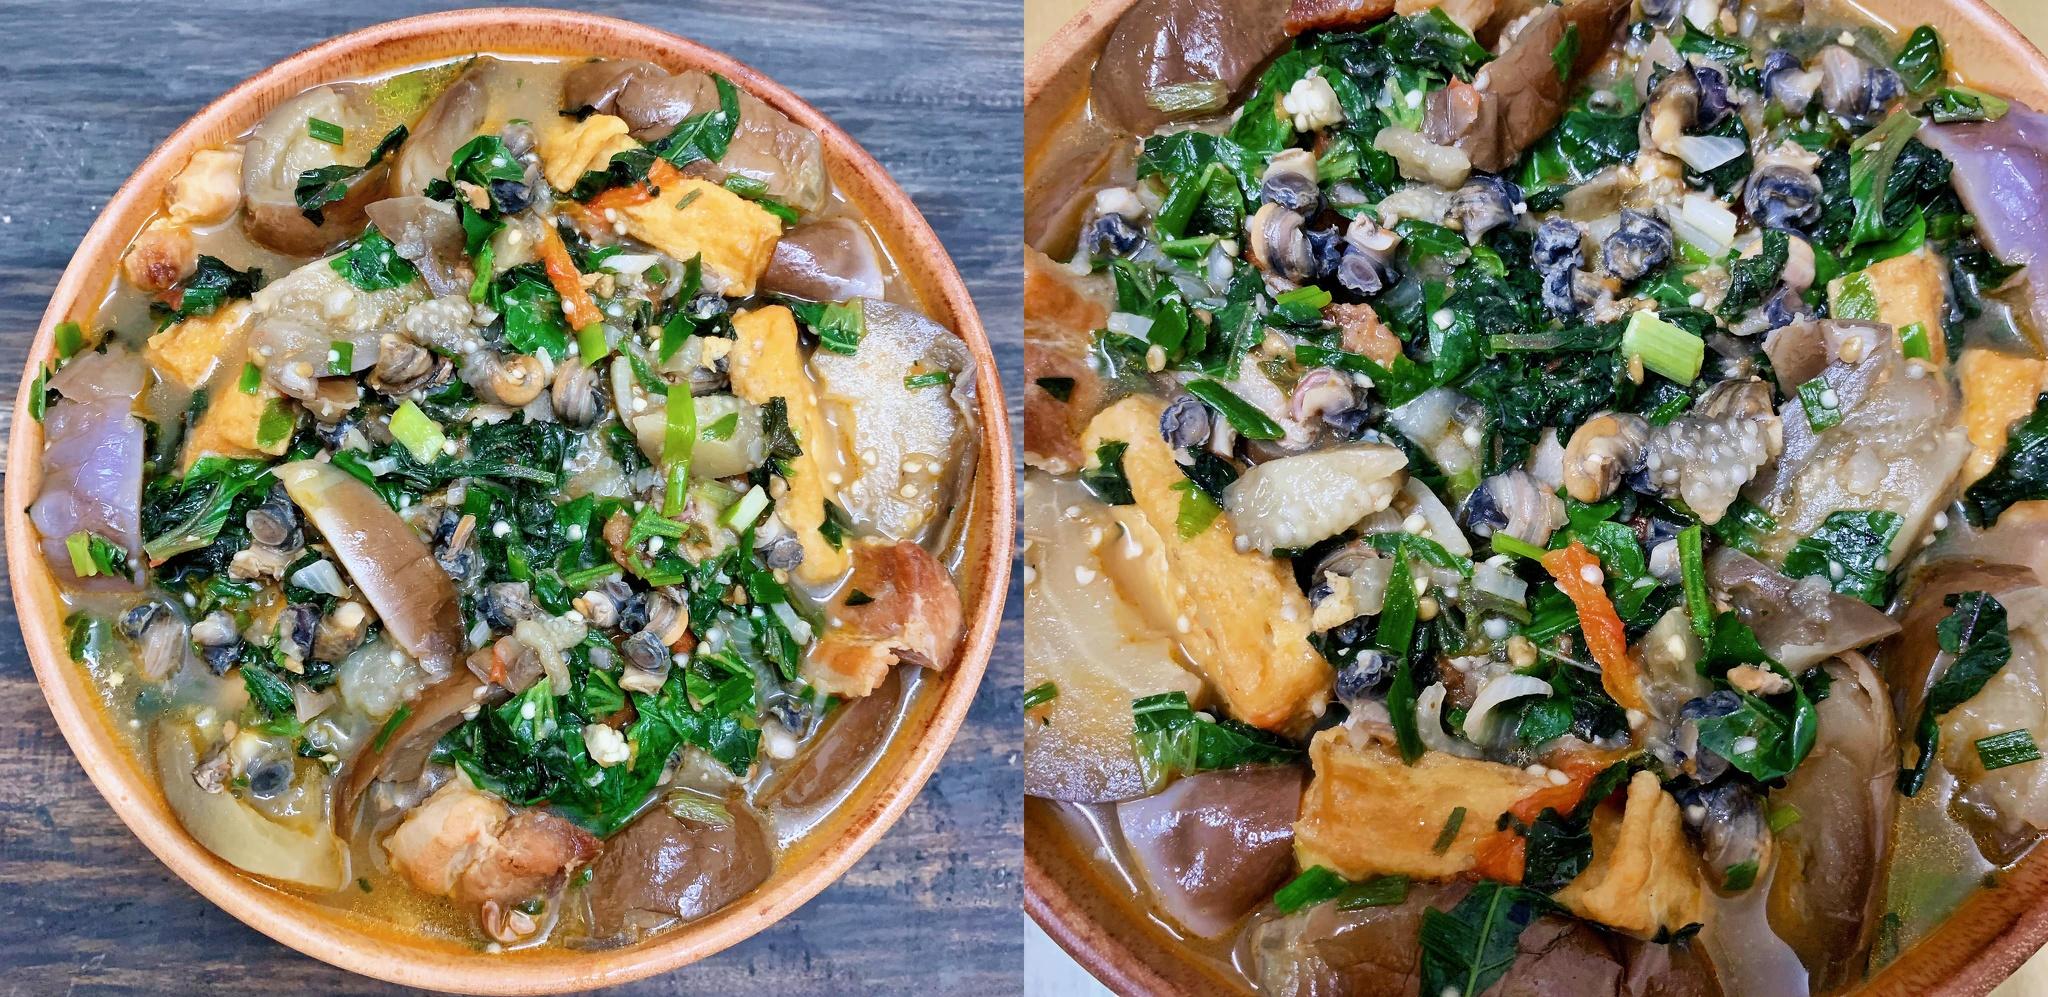 Tuyệt chiêu nấu cà bung với thịt ba chỉ đậm đà ngon cơm